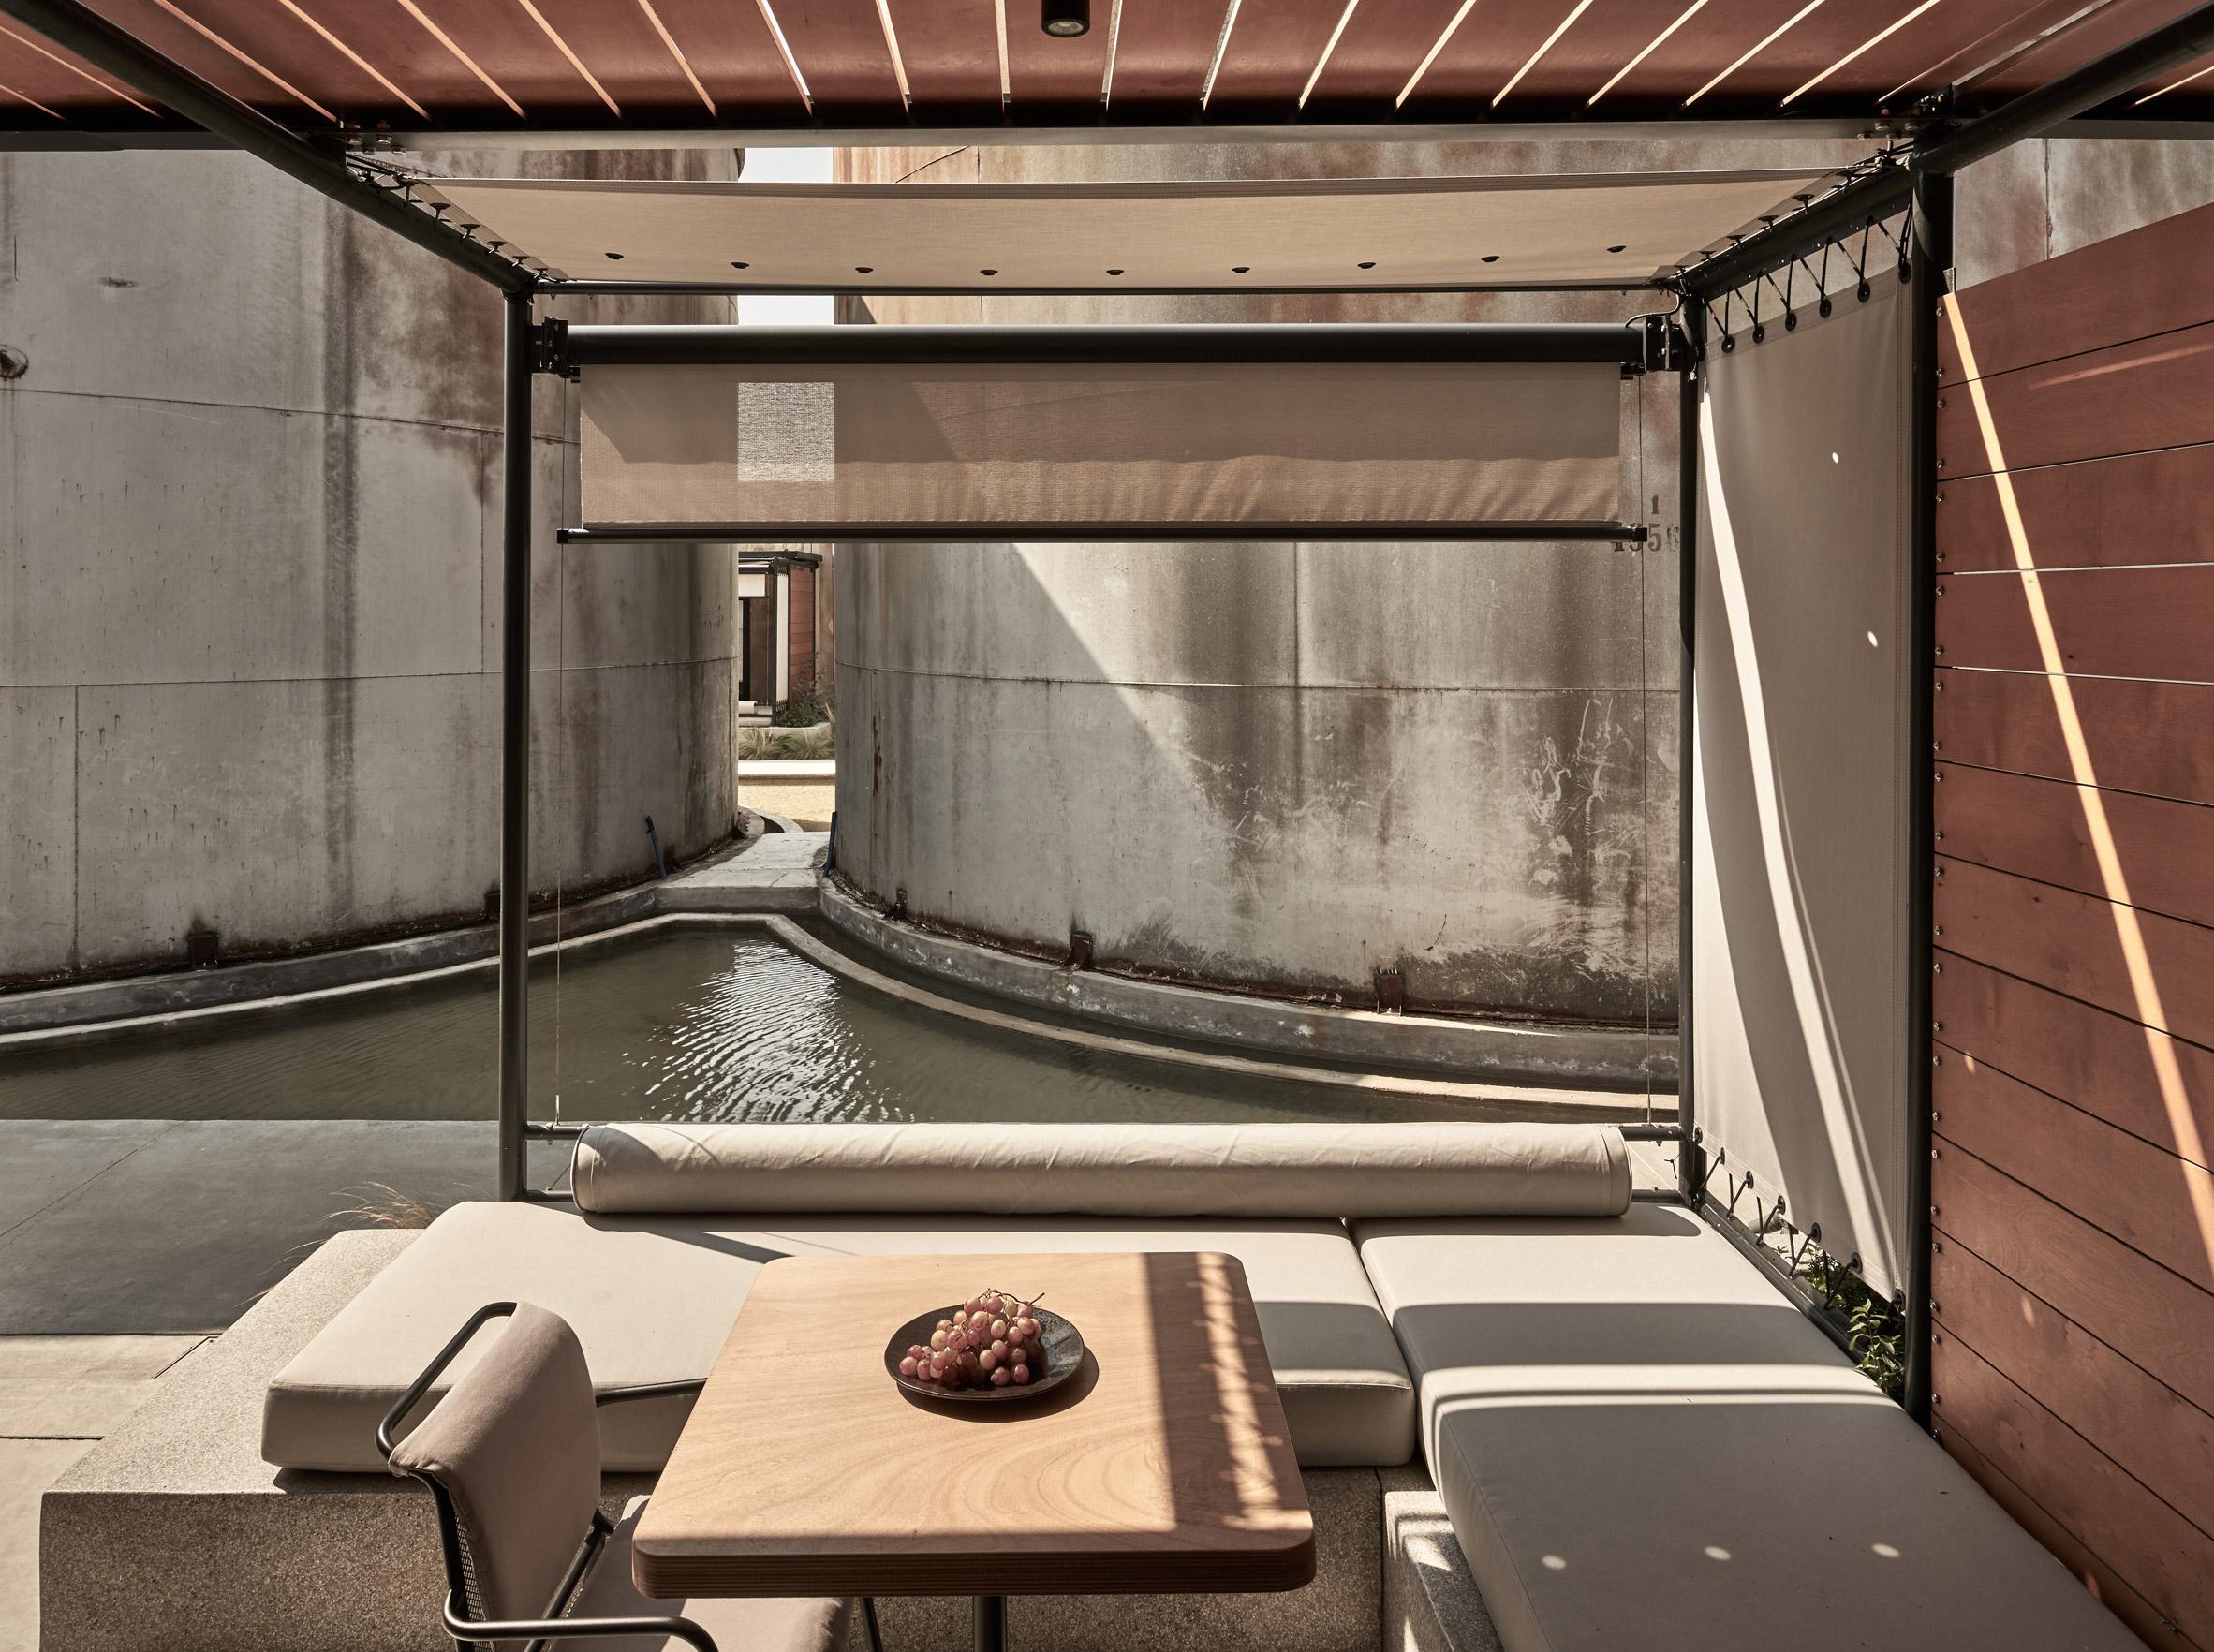 Dexamenes Seaside Hotel by K-studio